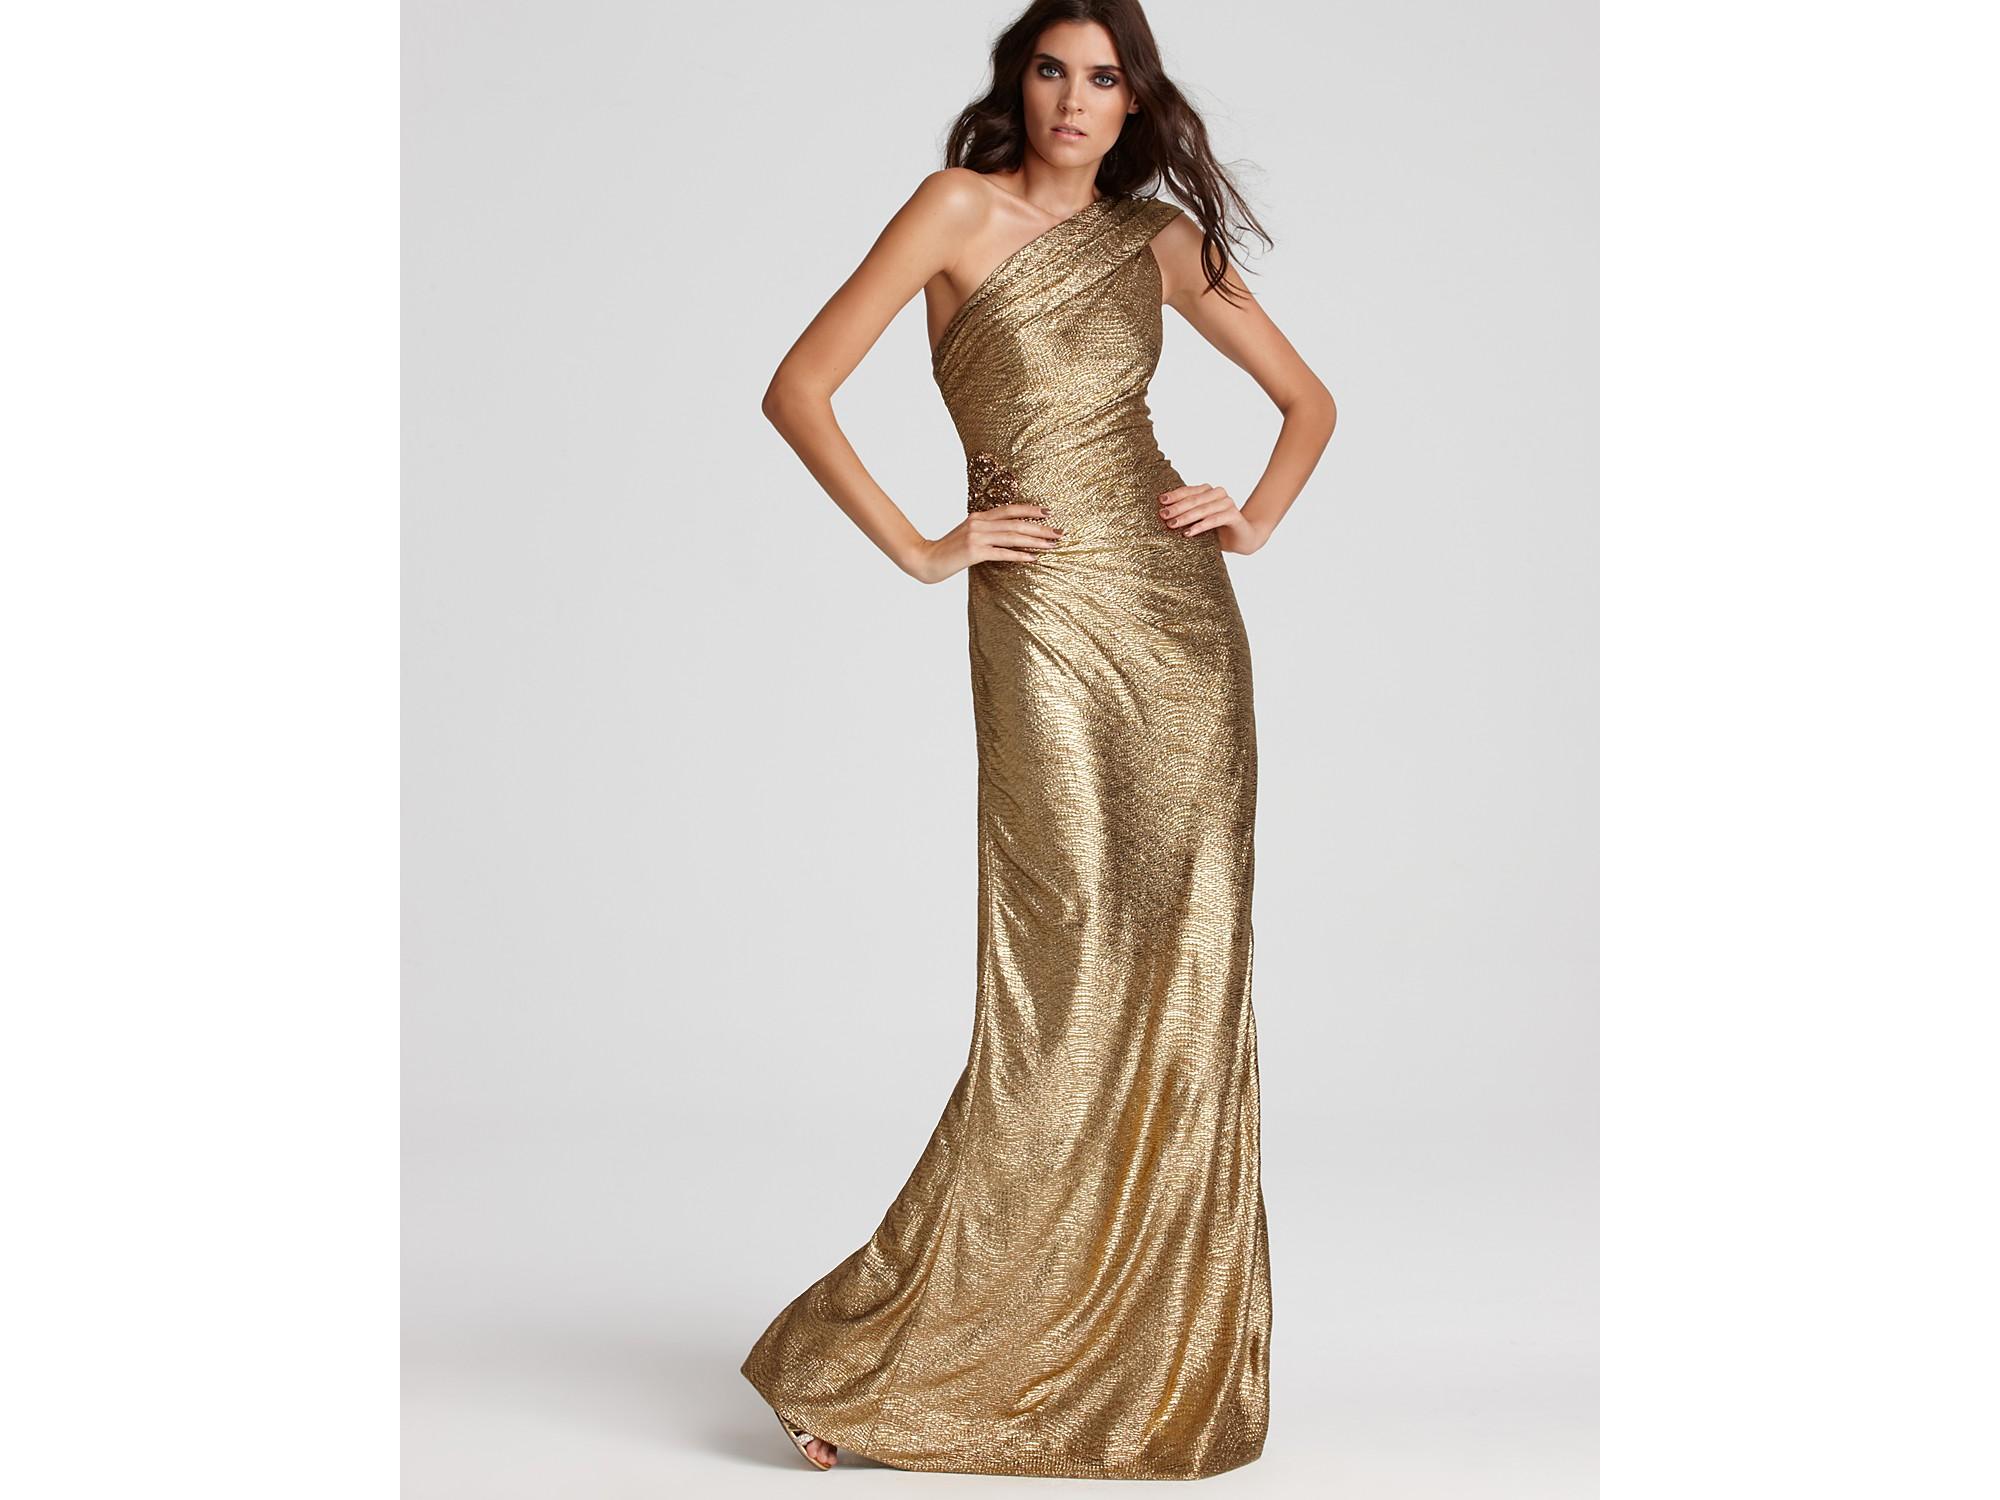 Lyst - David Meister One Shoulder Metallic Gown in Metallic